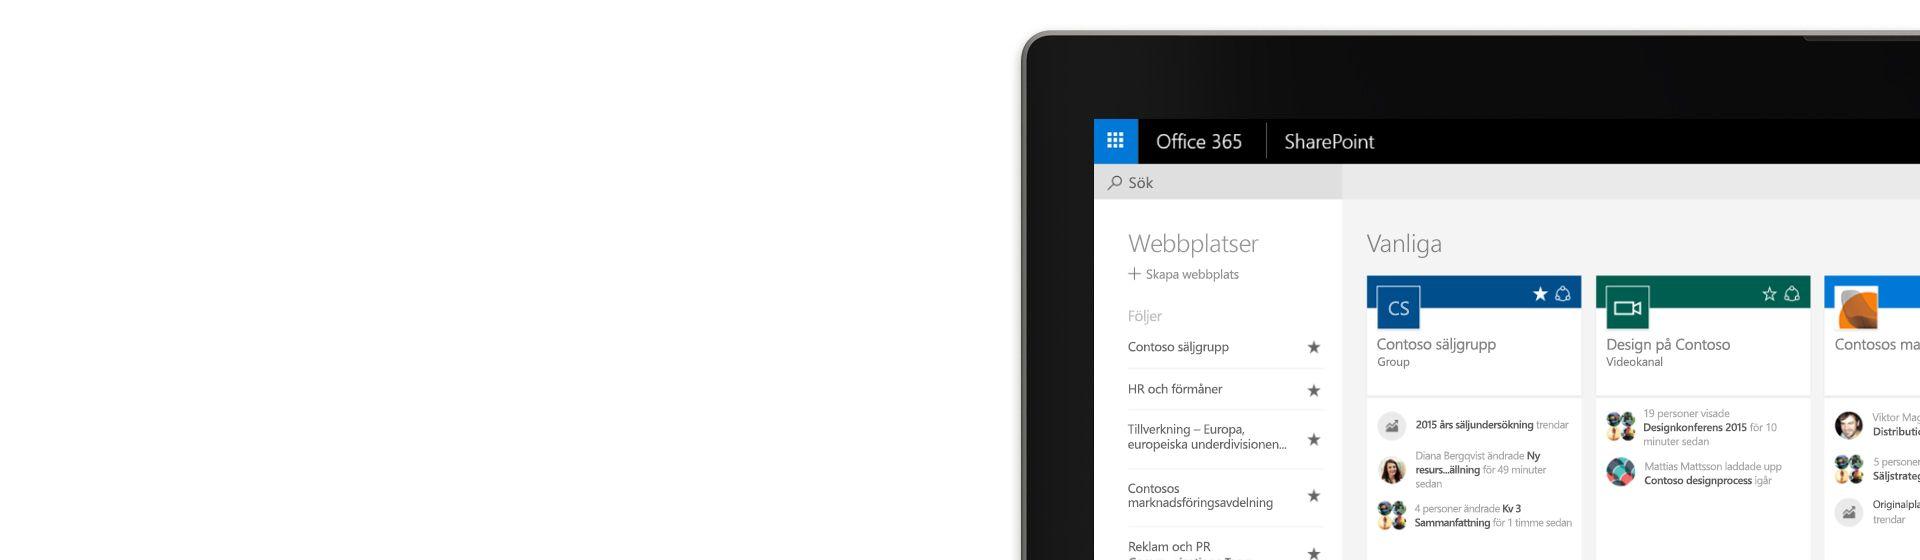 Skärmhörn på en bärbar dator som visar Office 365 SharePoint för Contoso